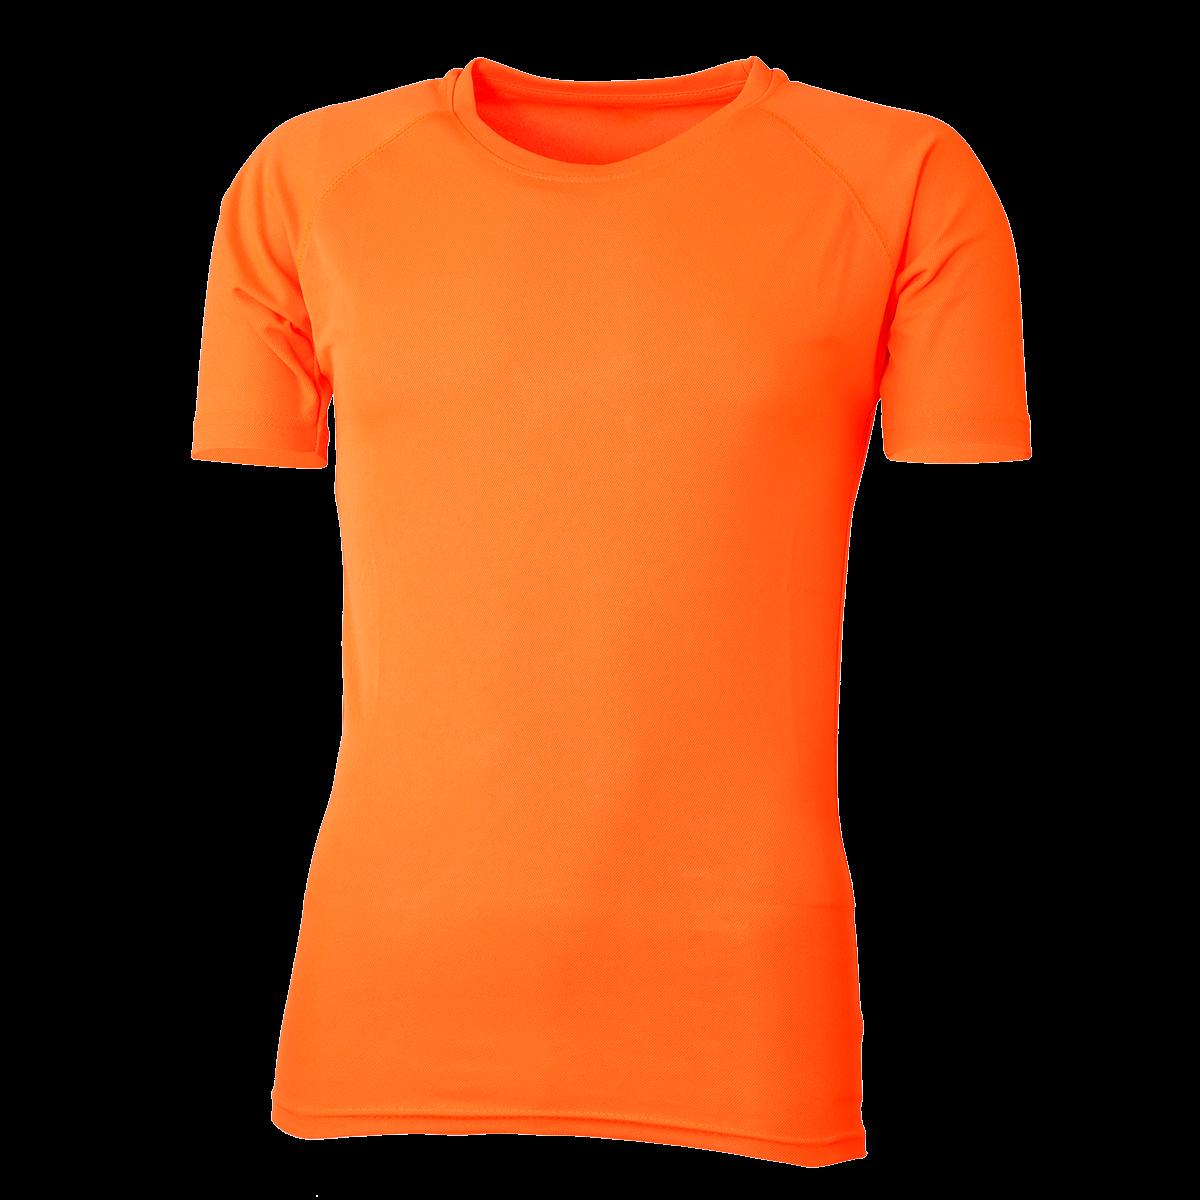 חולצת טי-שרט קצרה